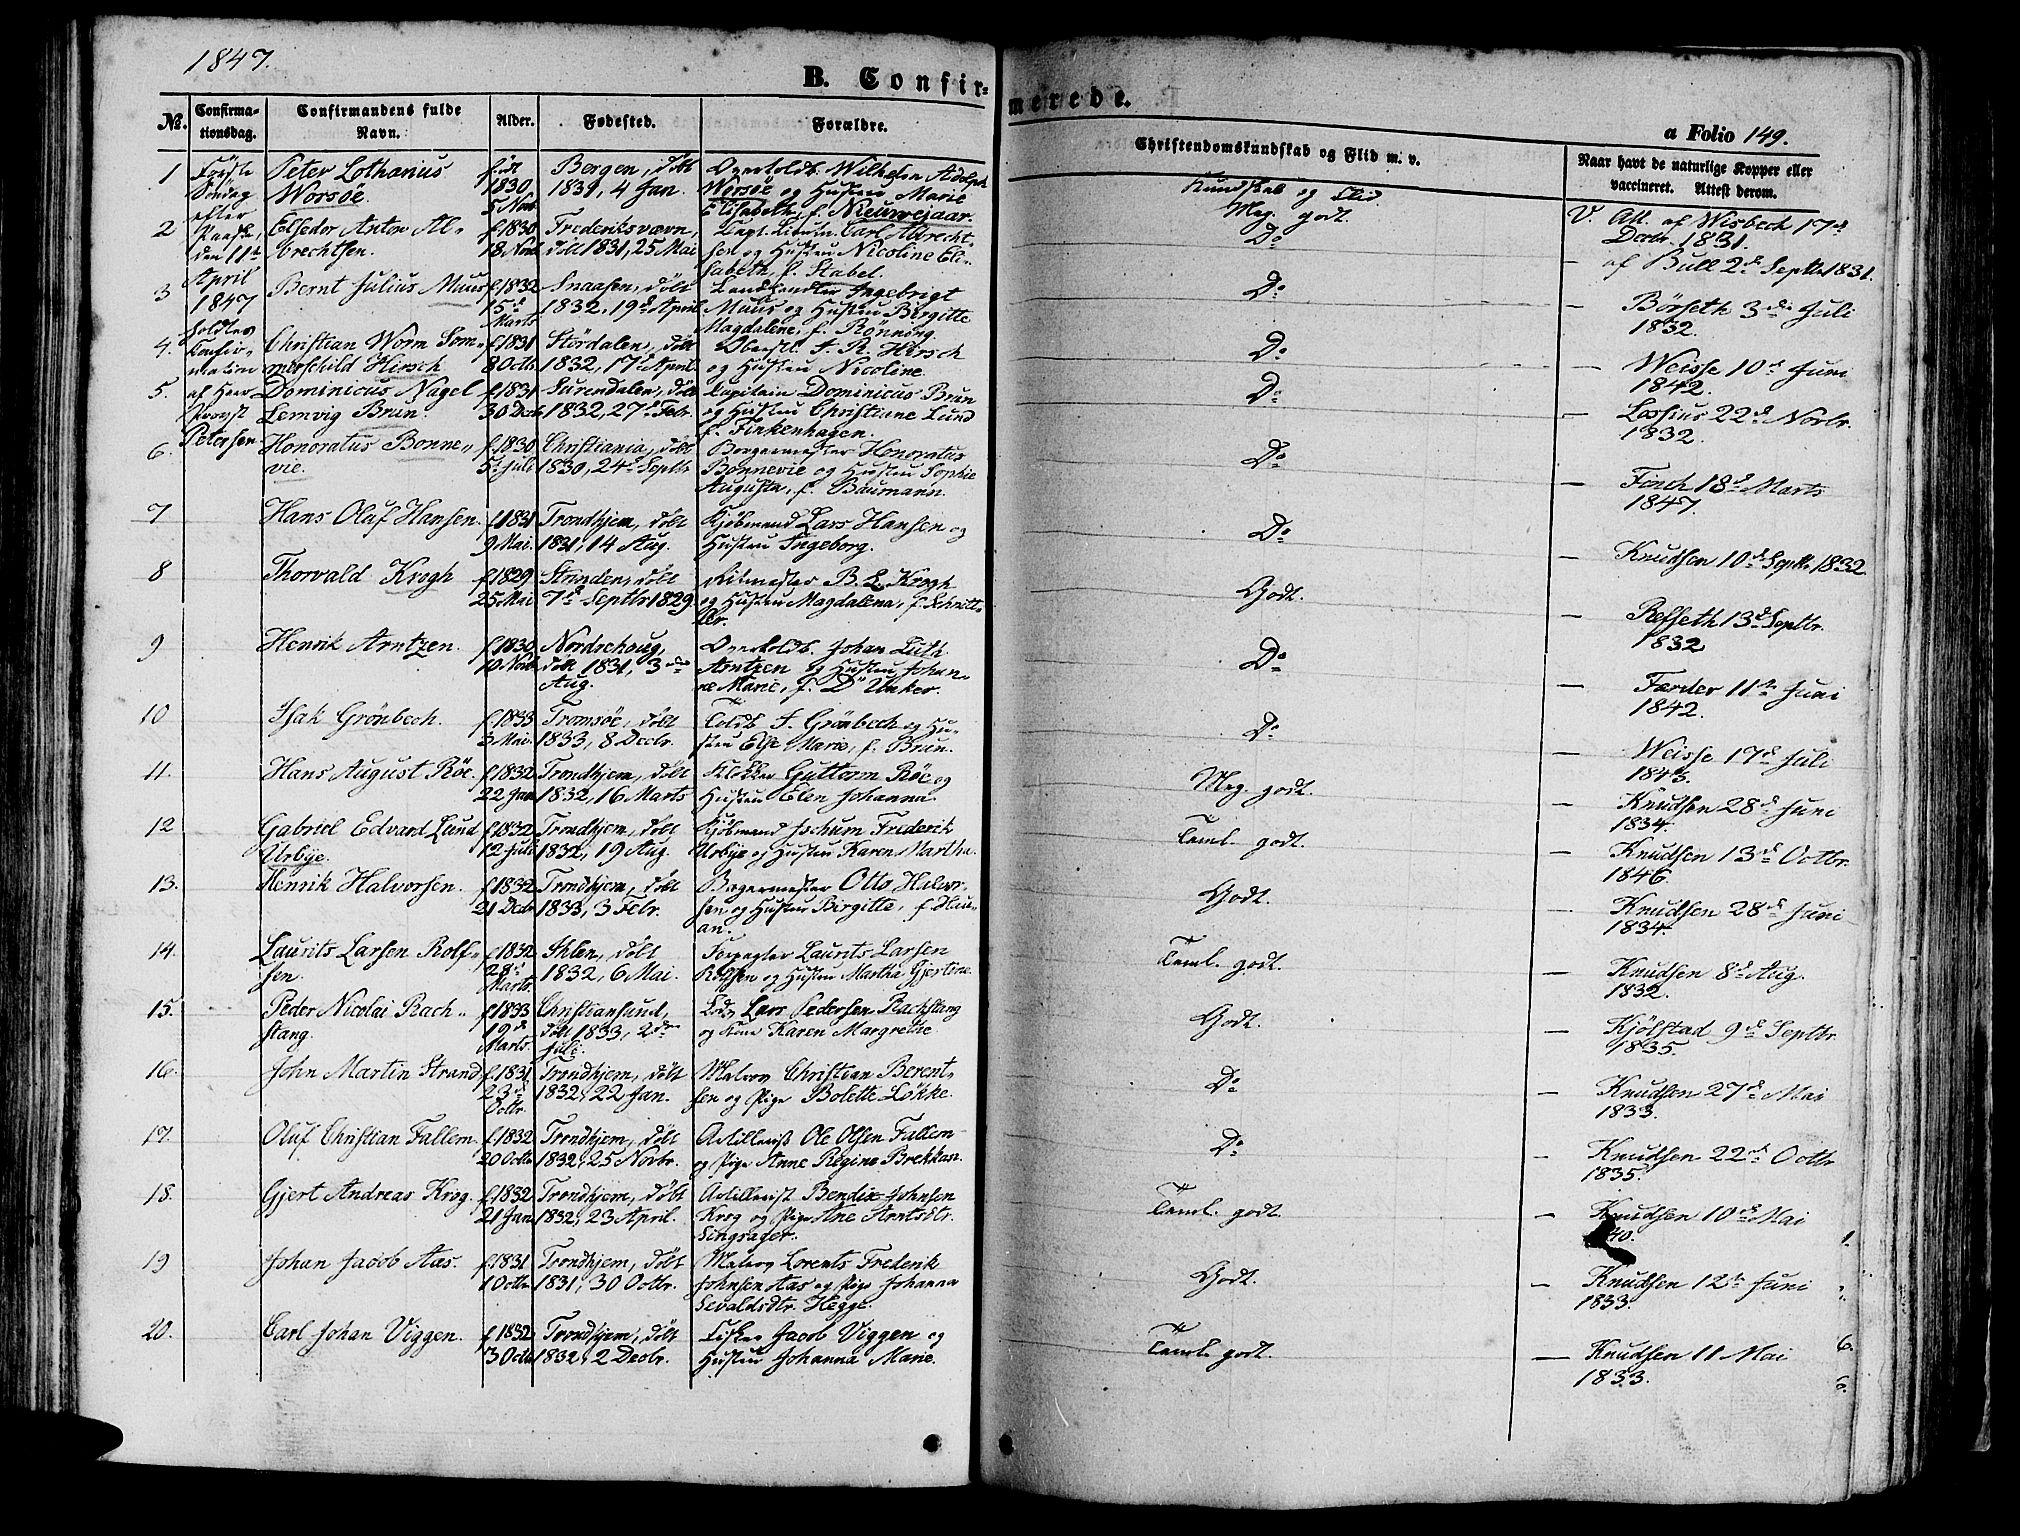 SAT, Ministerialprotokoller, klokkerbøker og fødselsregistre - Sør-Trøndelag, 602/L0137: Klokkerbok nr. 602C05, 1846-1856, s. 149